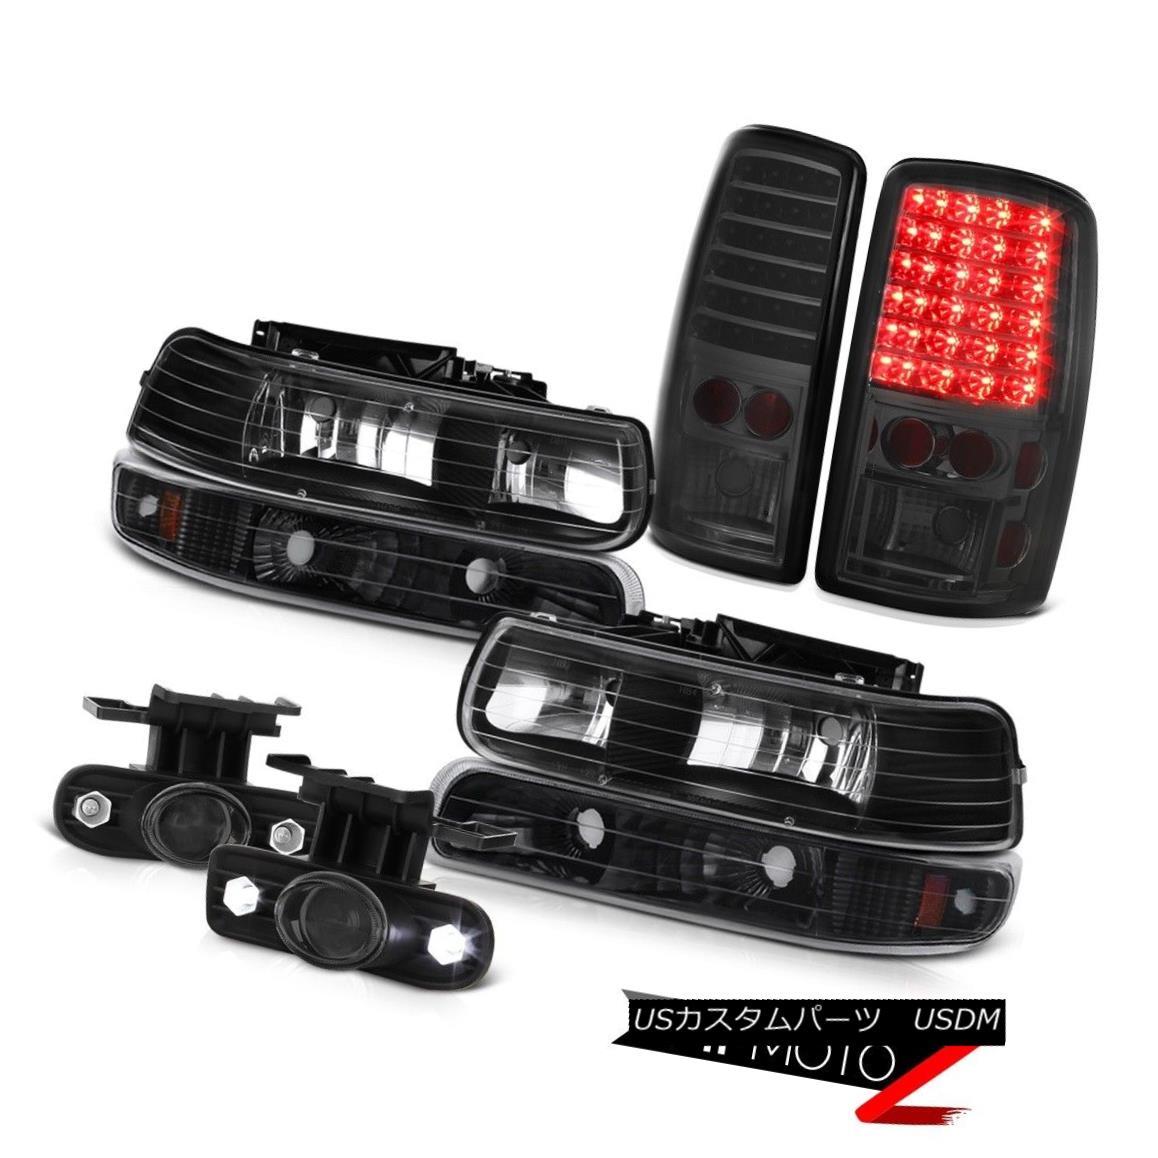 ヘッドライト 00 01 02 03 04 05 06 Tahoe L+R Black Headlamps Smoke LED Taillights Tinted Fog 00 01 02 03 04 05 06タホL + RブラックヘッドランプスモークLED茶色茶色の霧